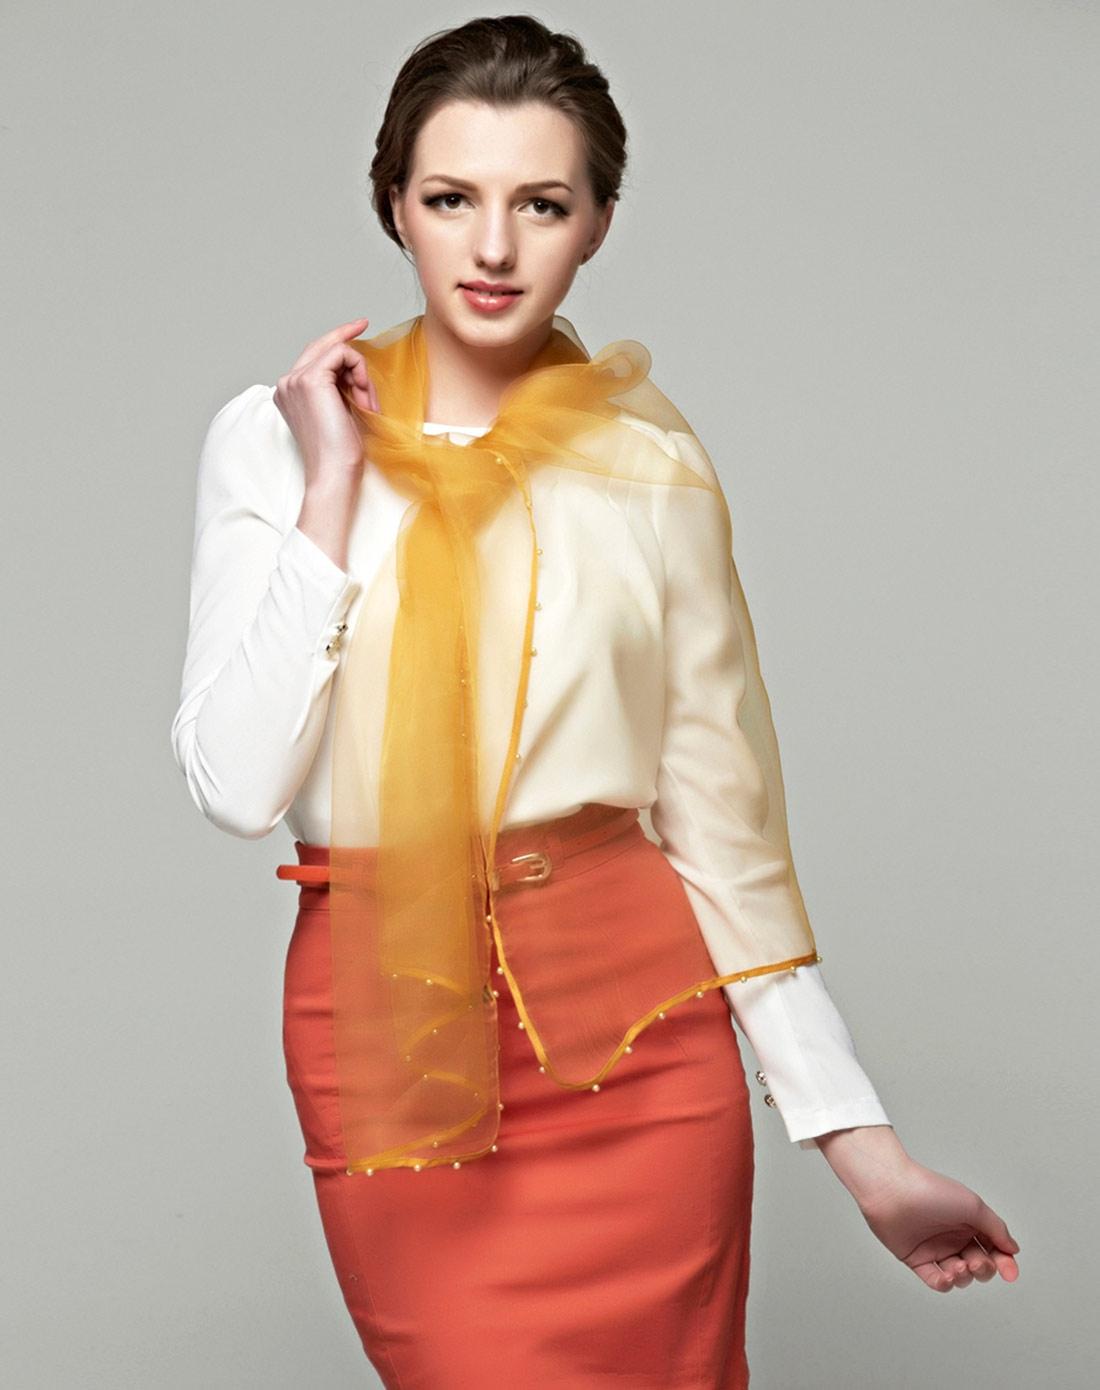 欧女肉缝_朵薇拉女春款真丝欧根纱透明黄色丝巾